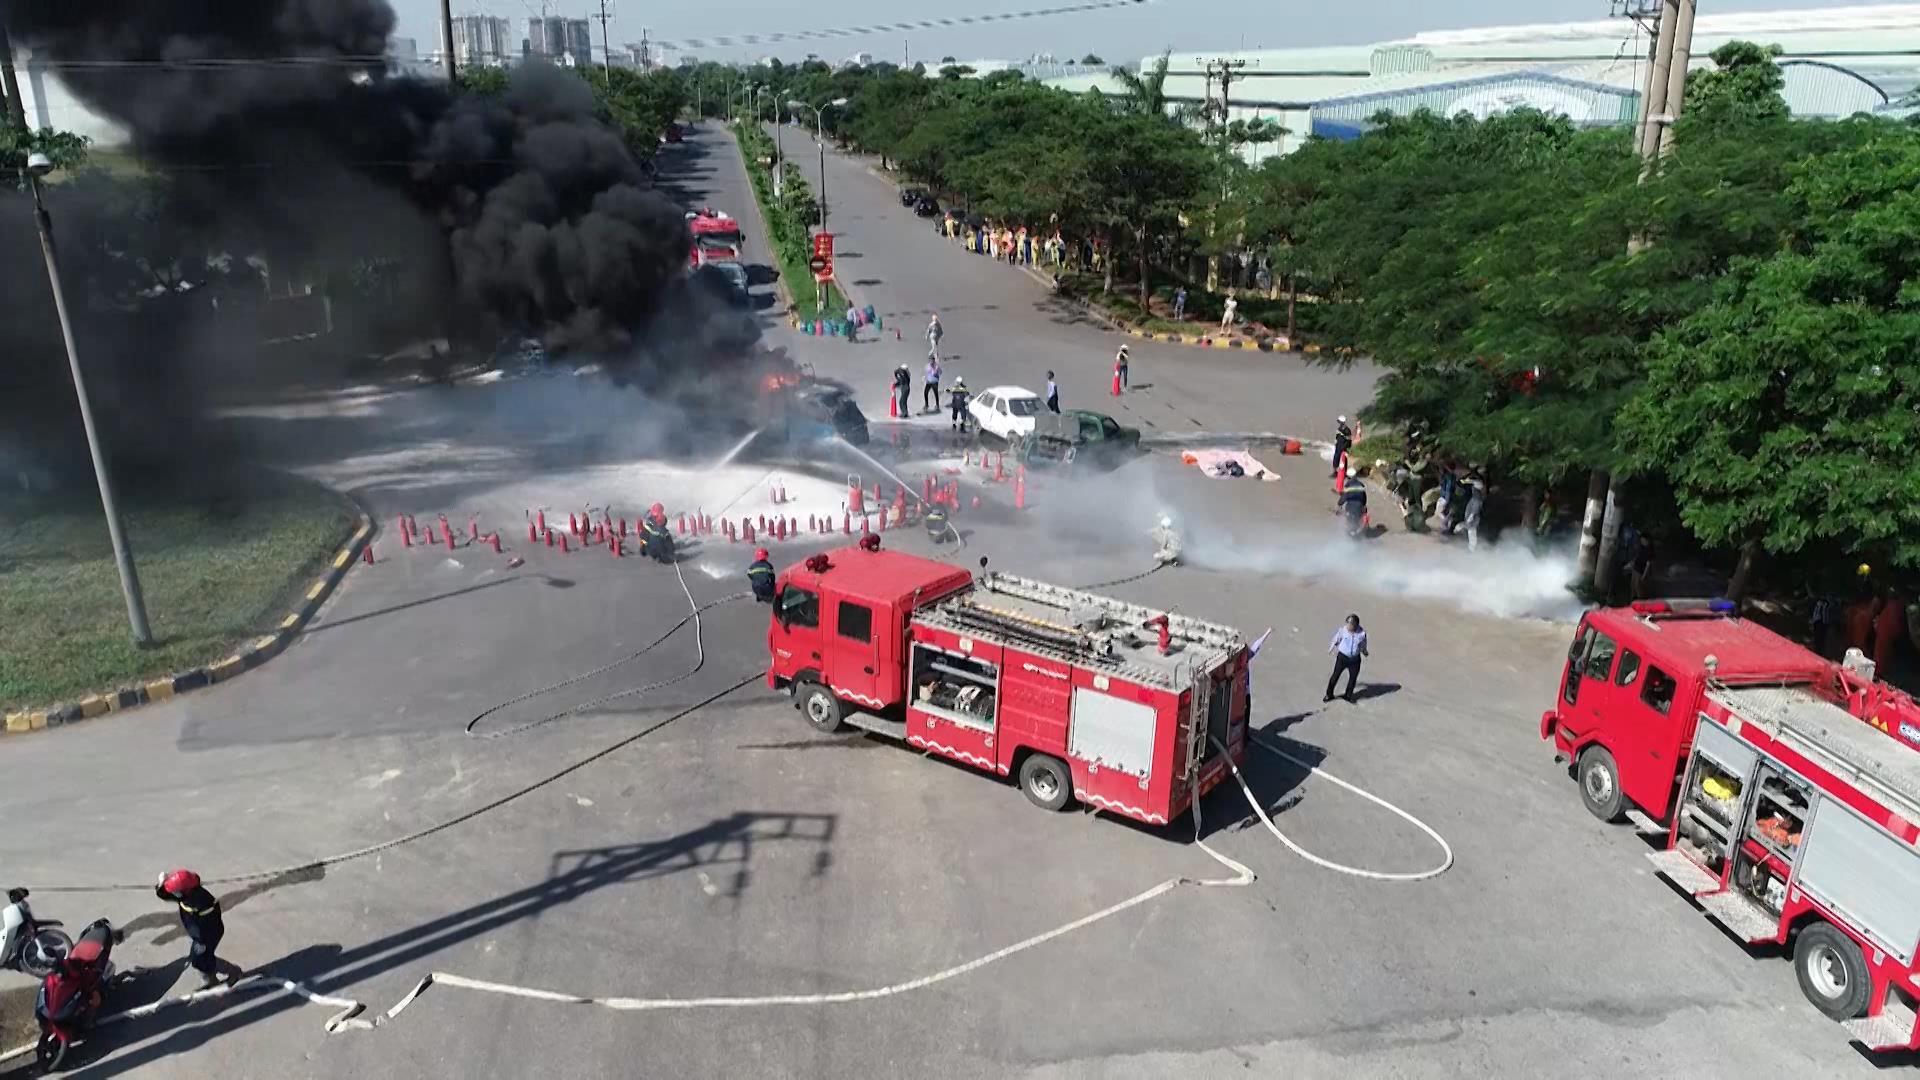 Diễn tập phương án chữa cháy và cứu nạn, cứu hộ tại Khu Công nghiệp Tiên Sơn